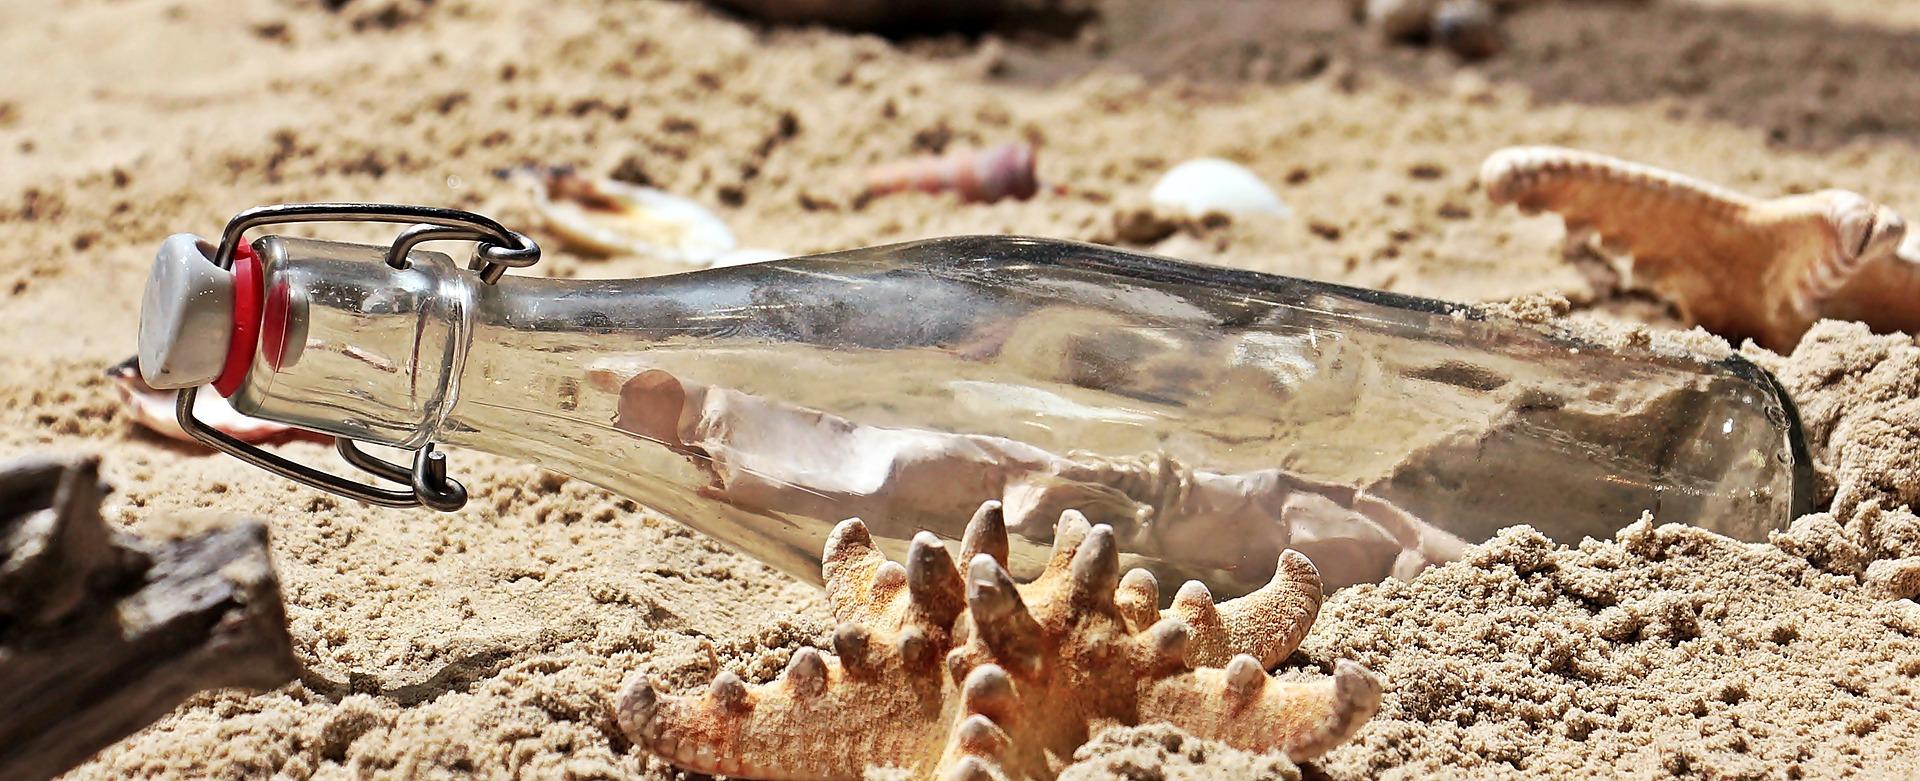 砂浜の上のメッセージボトル